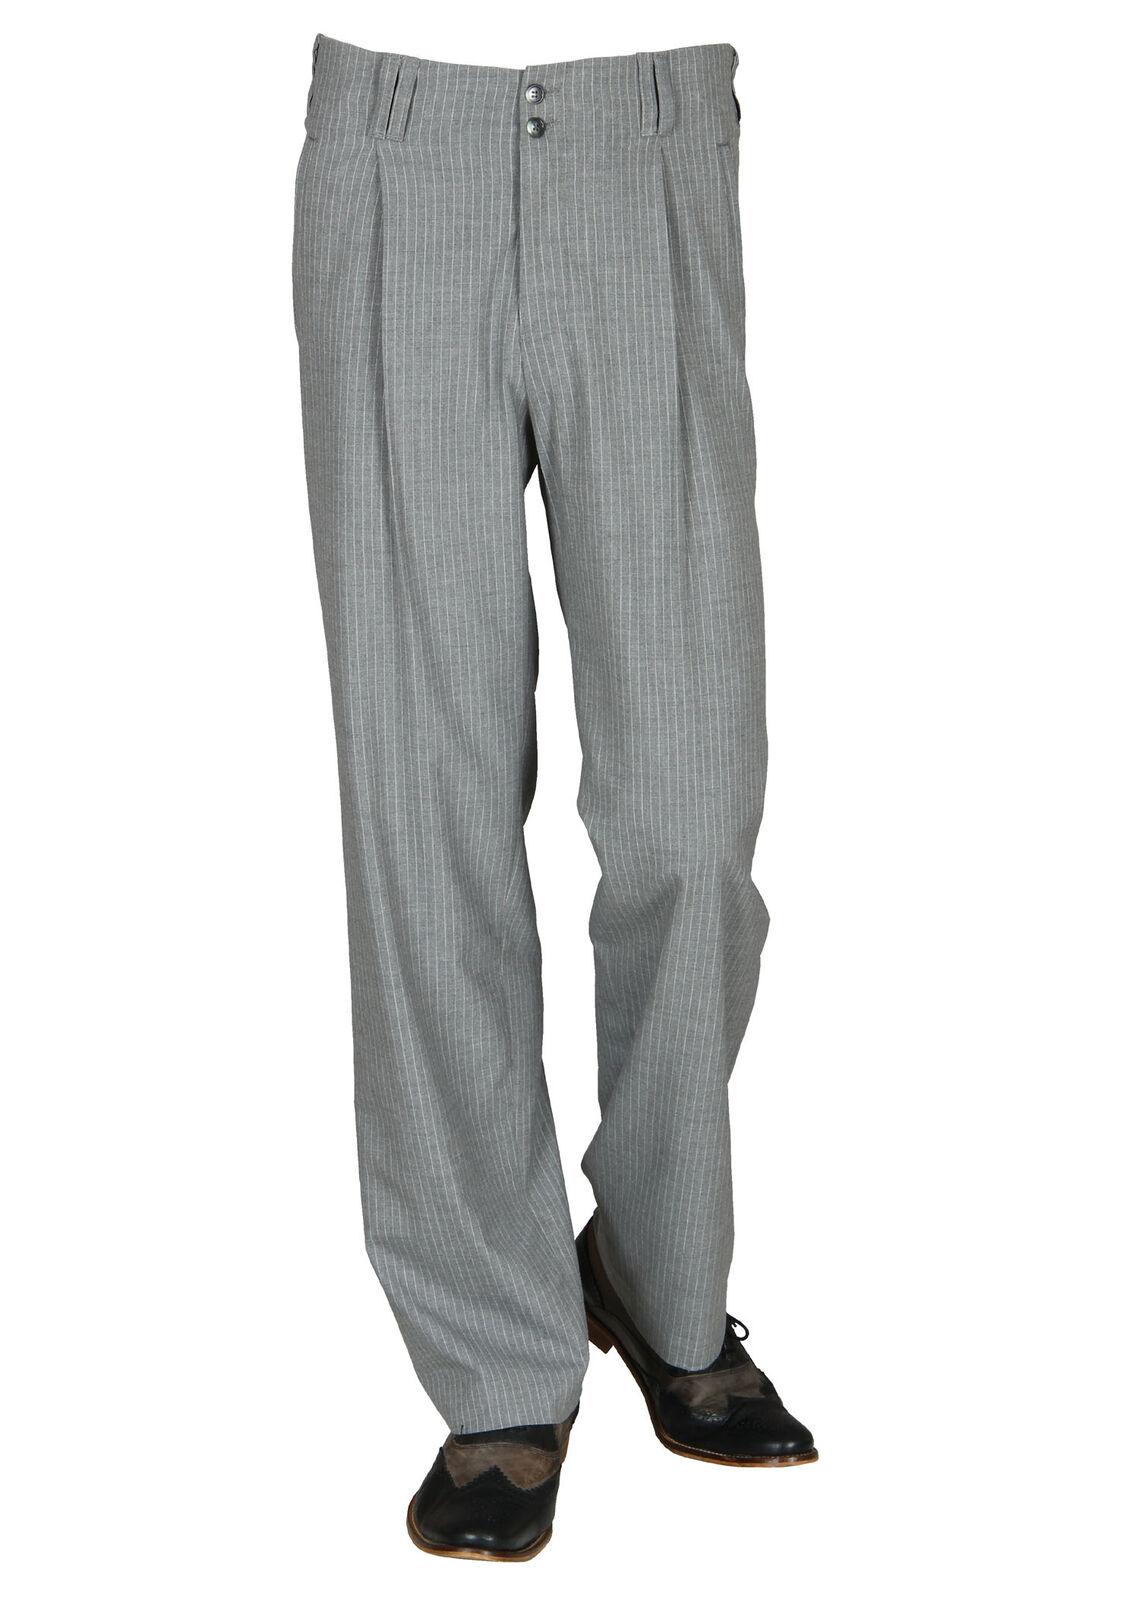 GRIGIO Bianco a Righe pieghe-pantaloni in stile del 50er, 60er anno per uomo nuovi